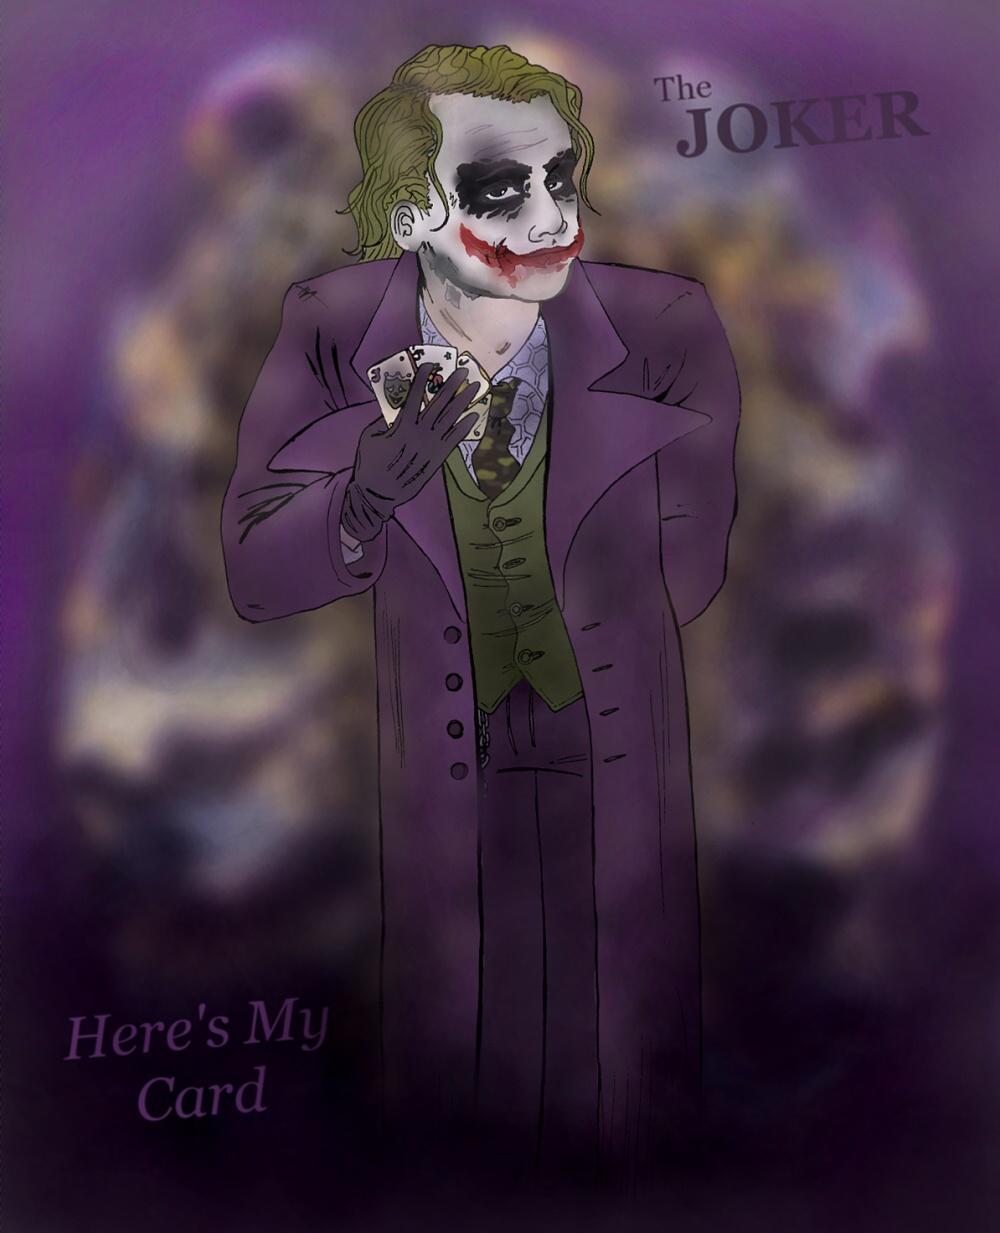 The Joker - Here's My Card by TerylSG